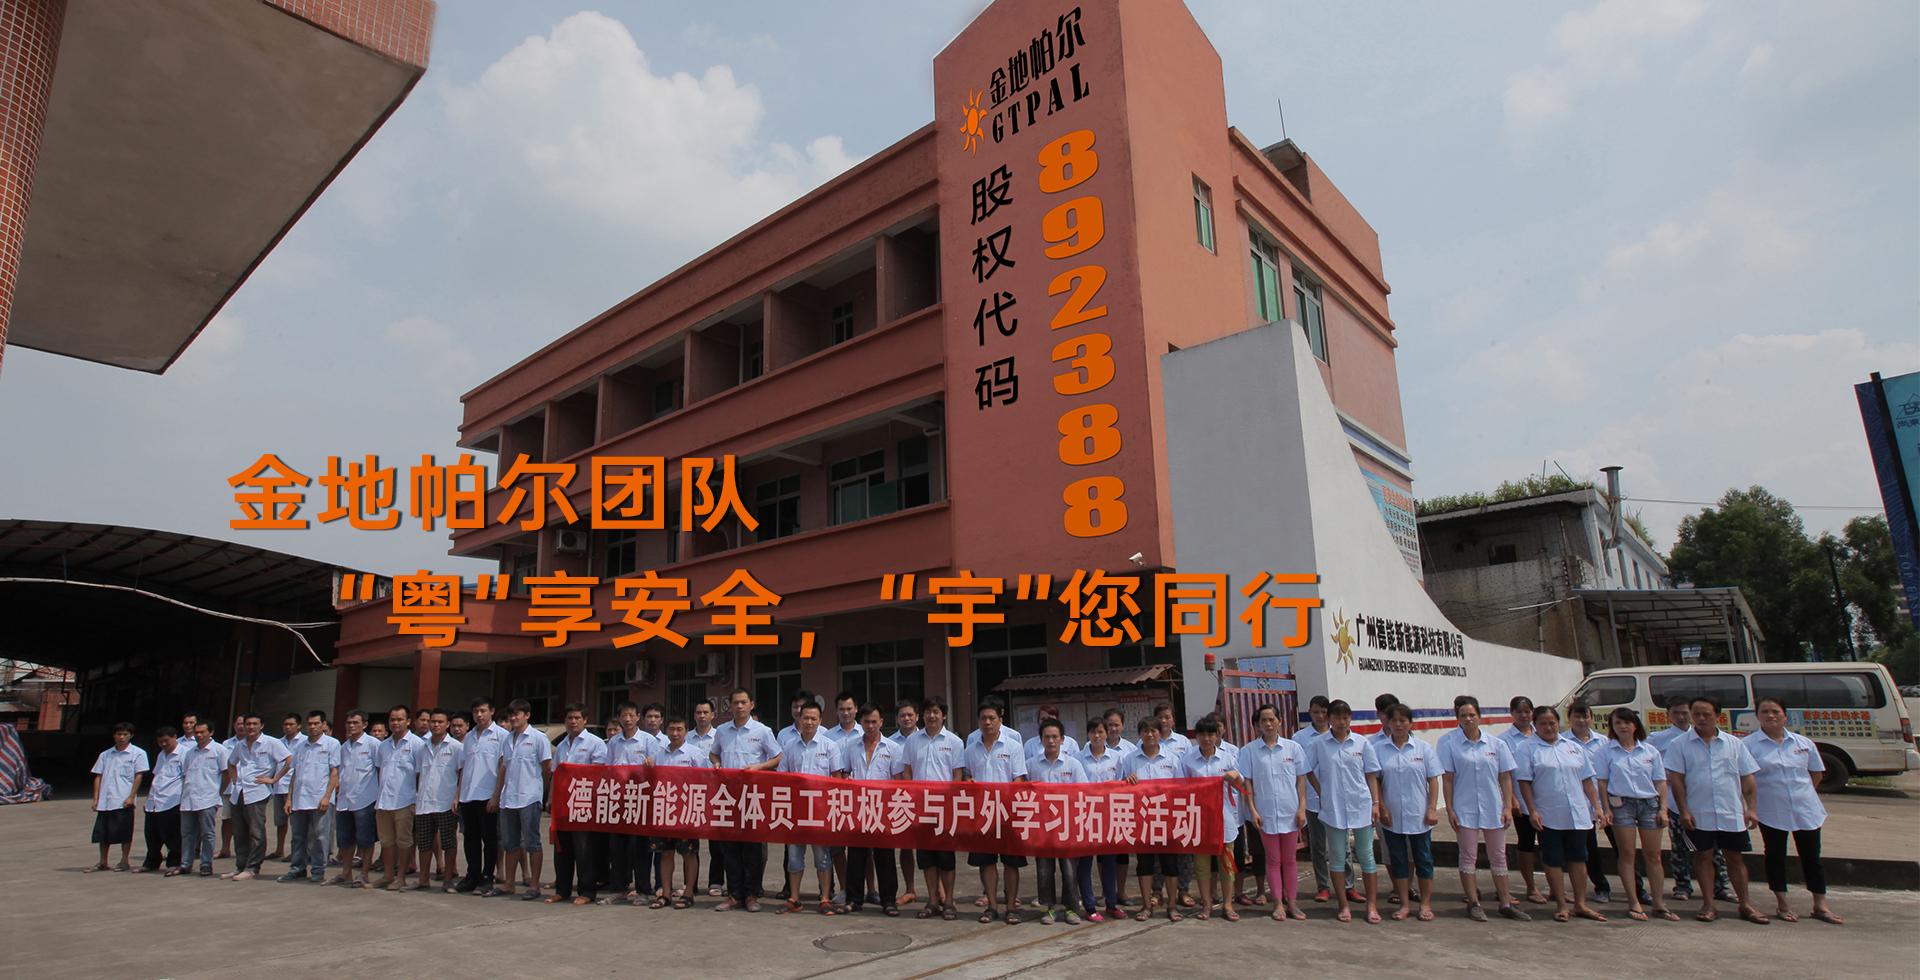 廣州粵宇新能源科技股份有限公司